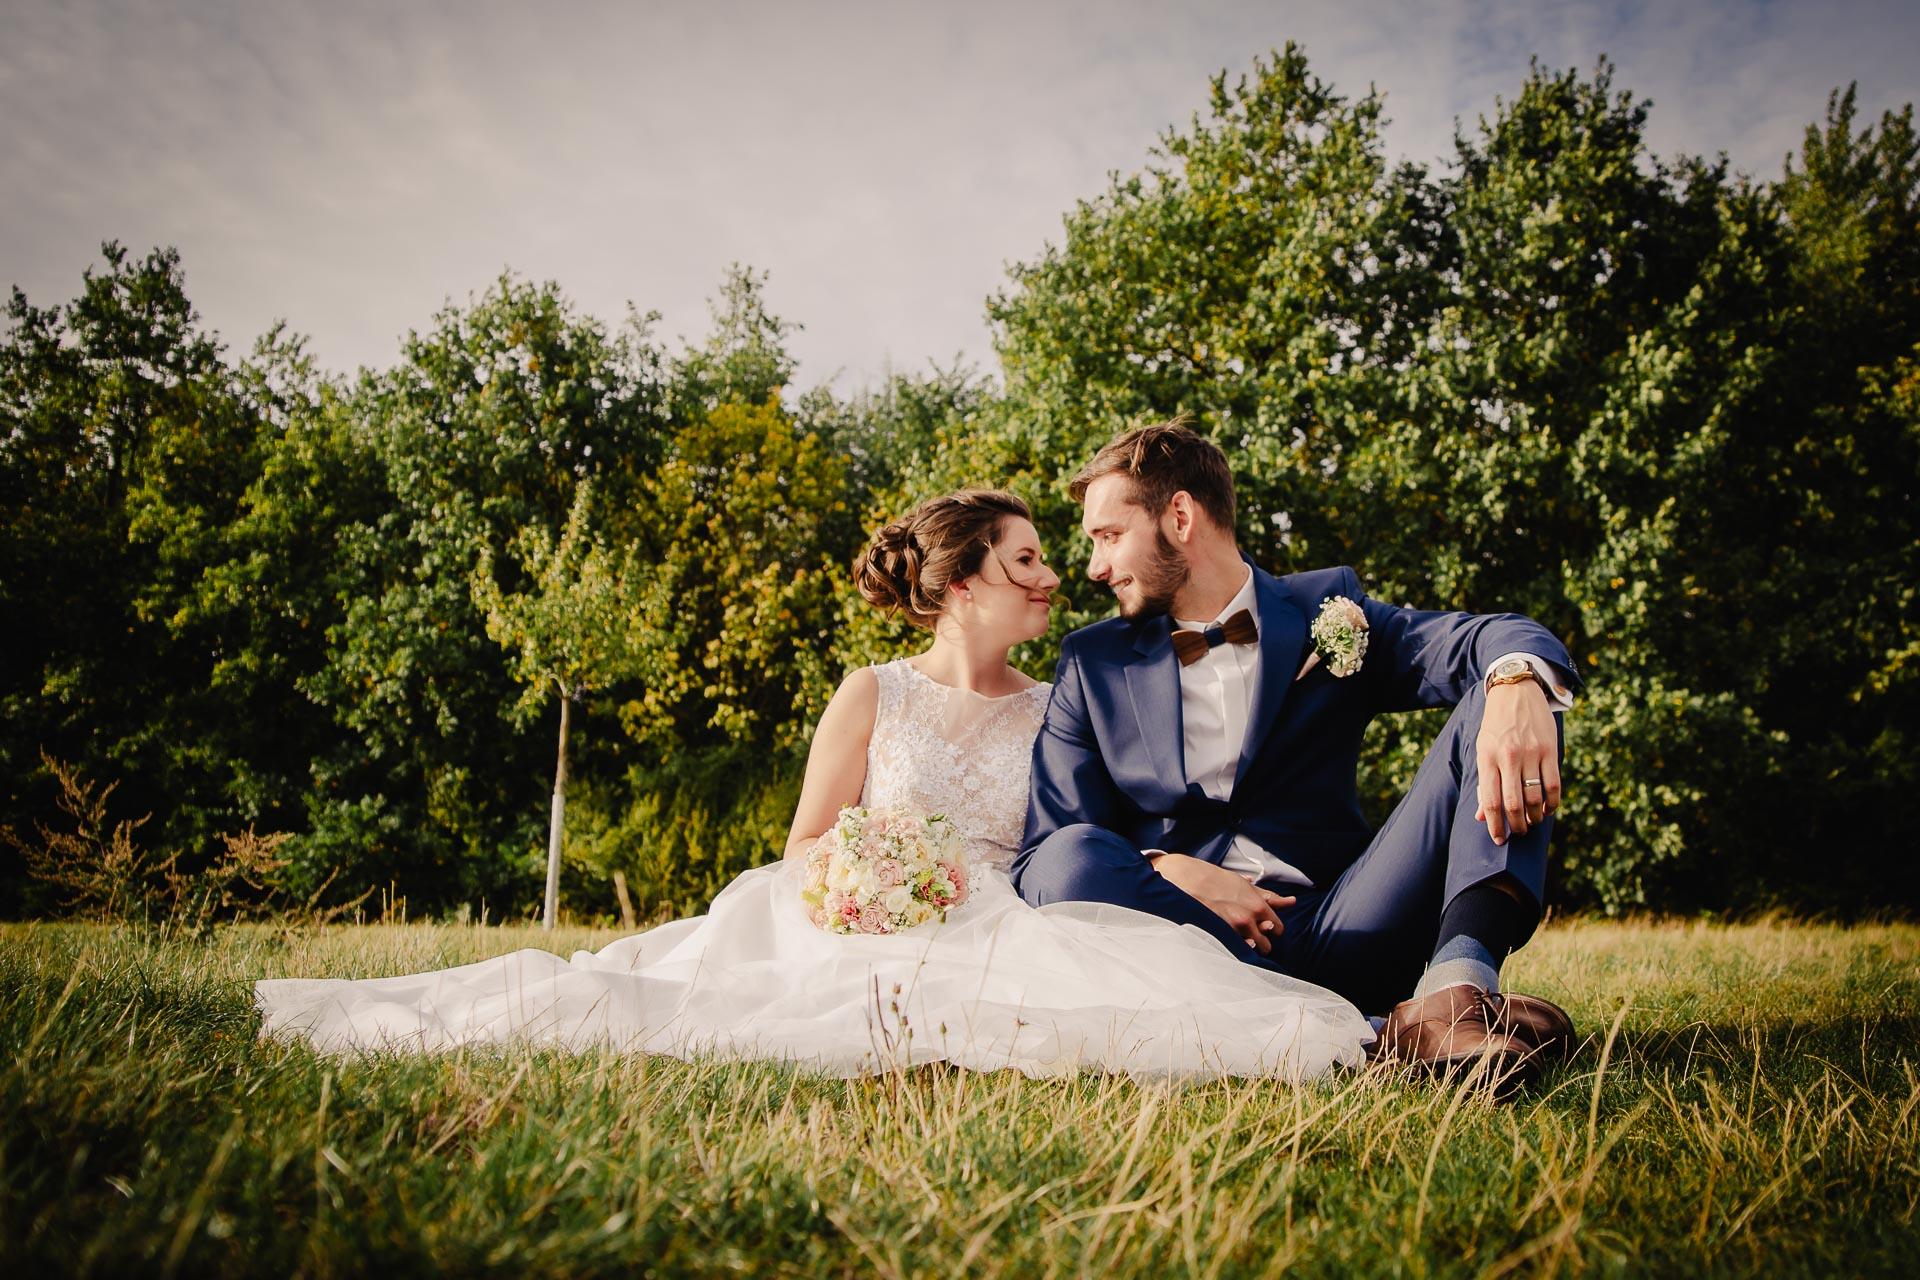 svatební fotograf Praha,svatba střední čechy, církevní obřad, svatba v kostele, nejhezčí svatební fotografie-3203